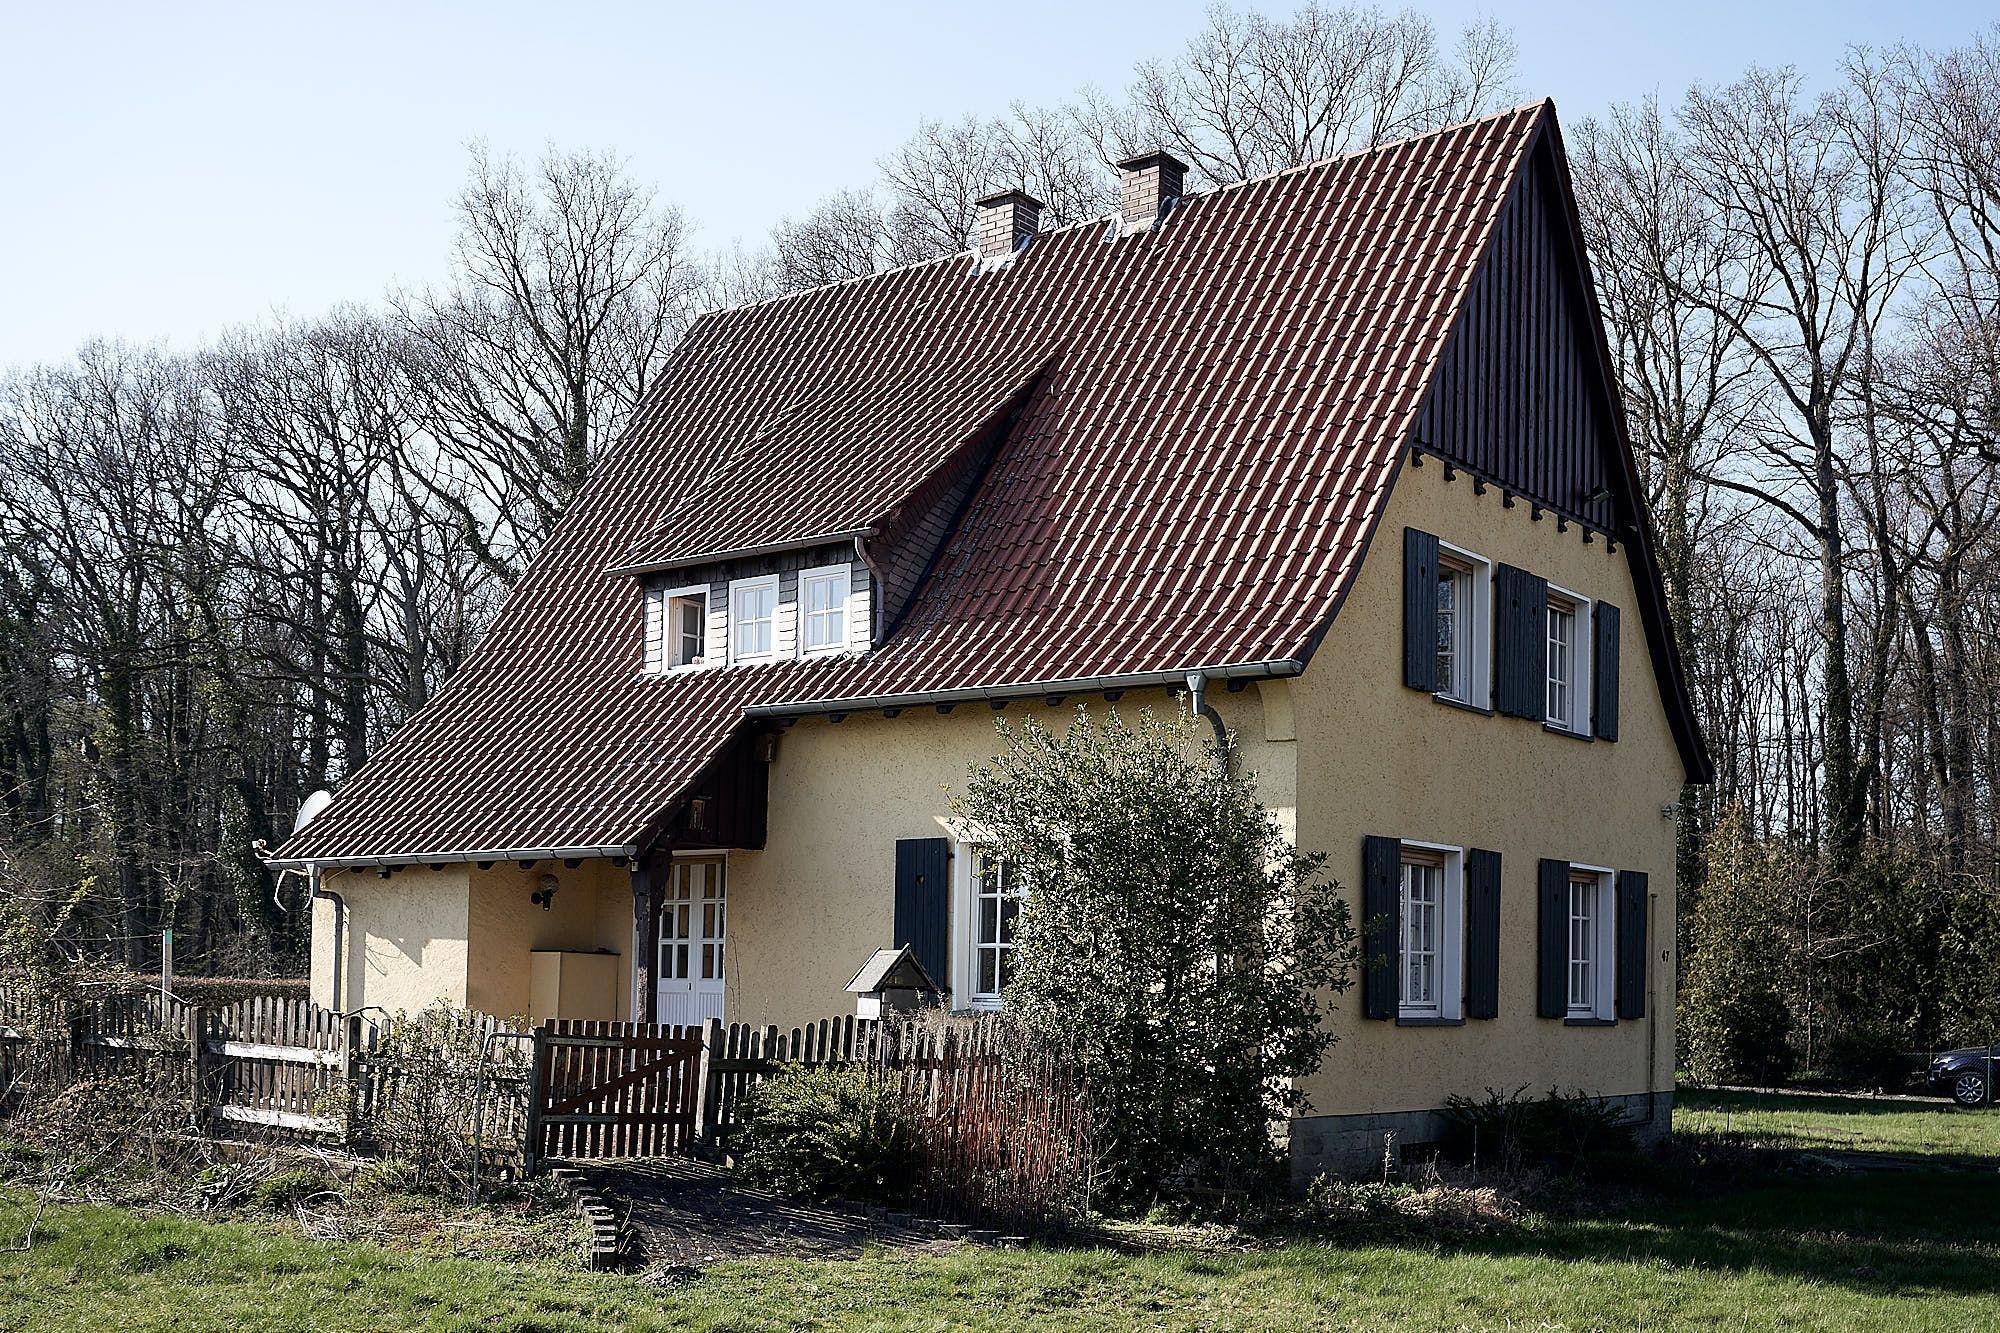 Das Forsterhaus Am Schloss Bosfeld Bei Rheda Wiedenbruck Steht Demnachst Zur Vermietung An Derzeit Wird Noch Renovier In 2020 Zeigt Her Eure Wohnung Vermietung Altbau